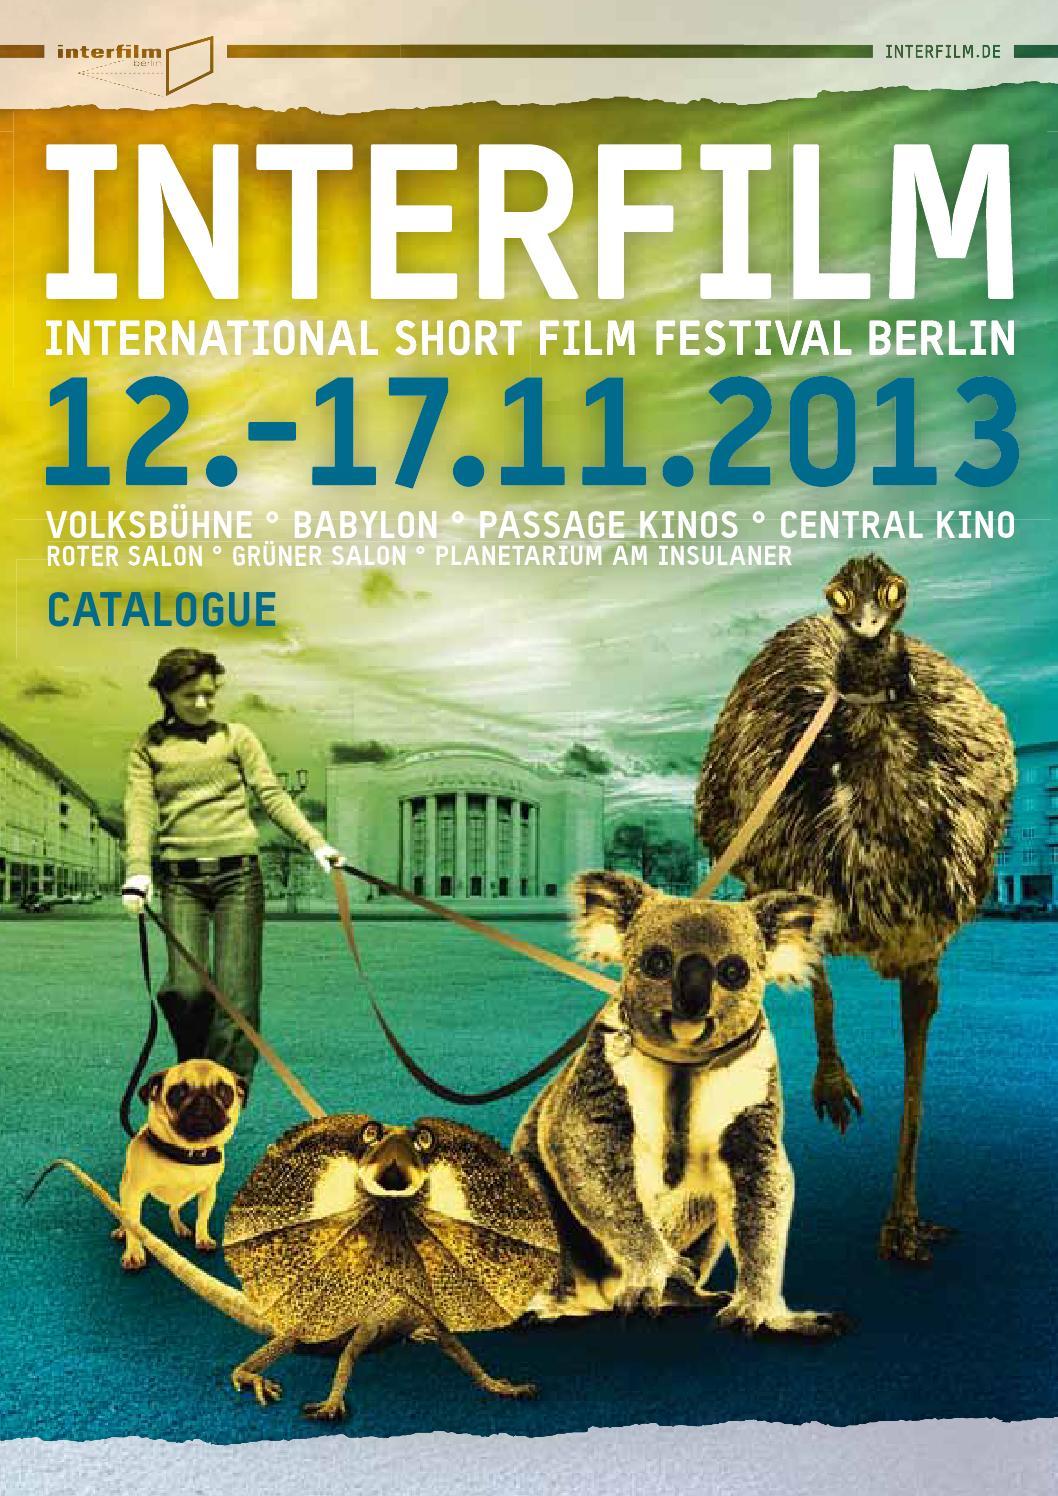 29th International Short Film Festival Berlin - Festival